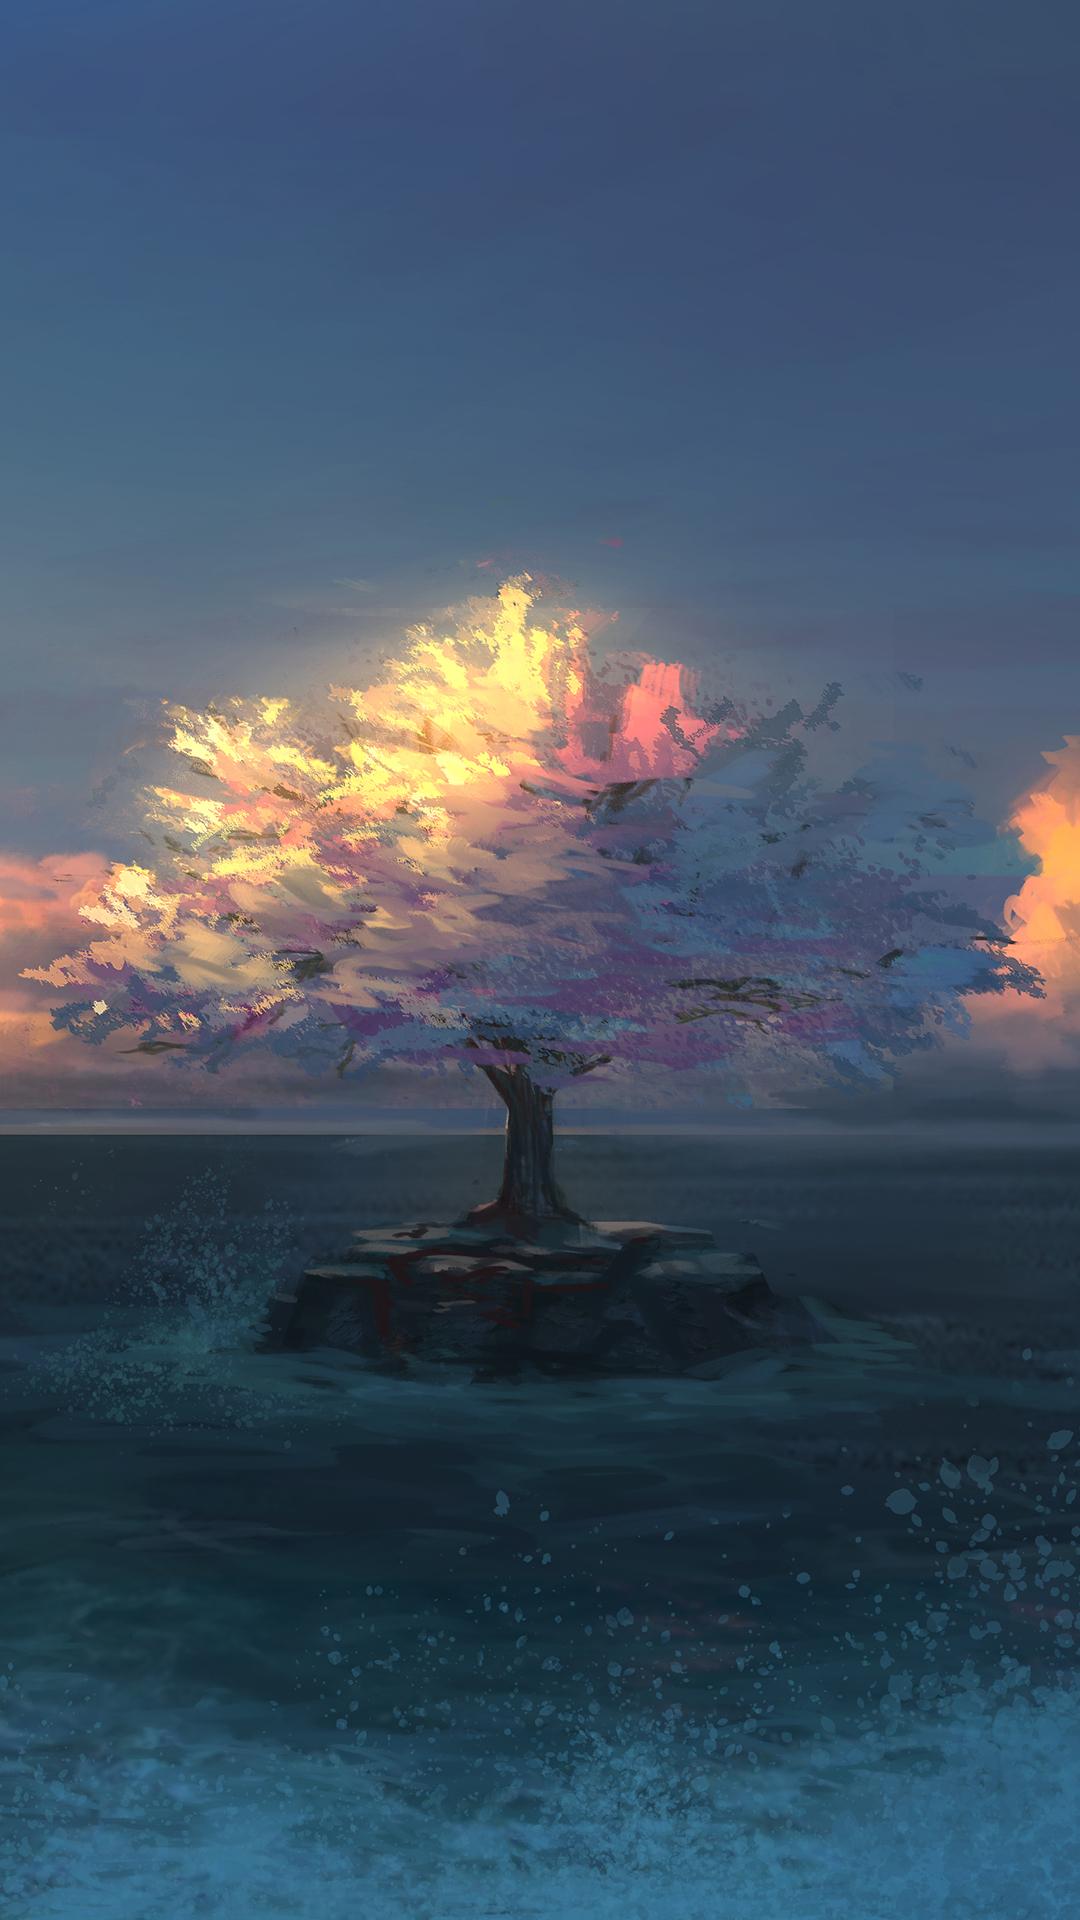 32张漂亮的自然风光微信7.0聊天背景图片推荐 唯美自然风景手机壁纸